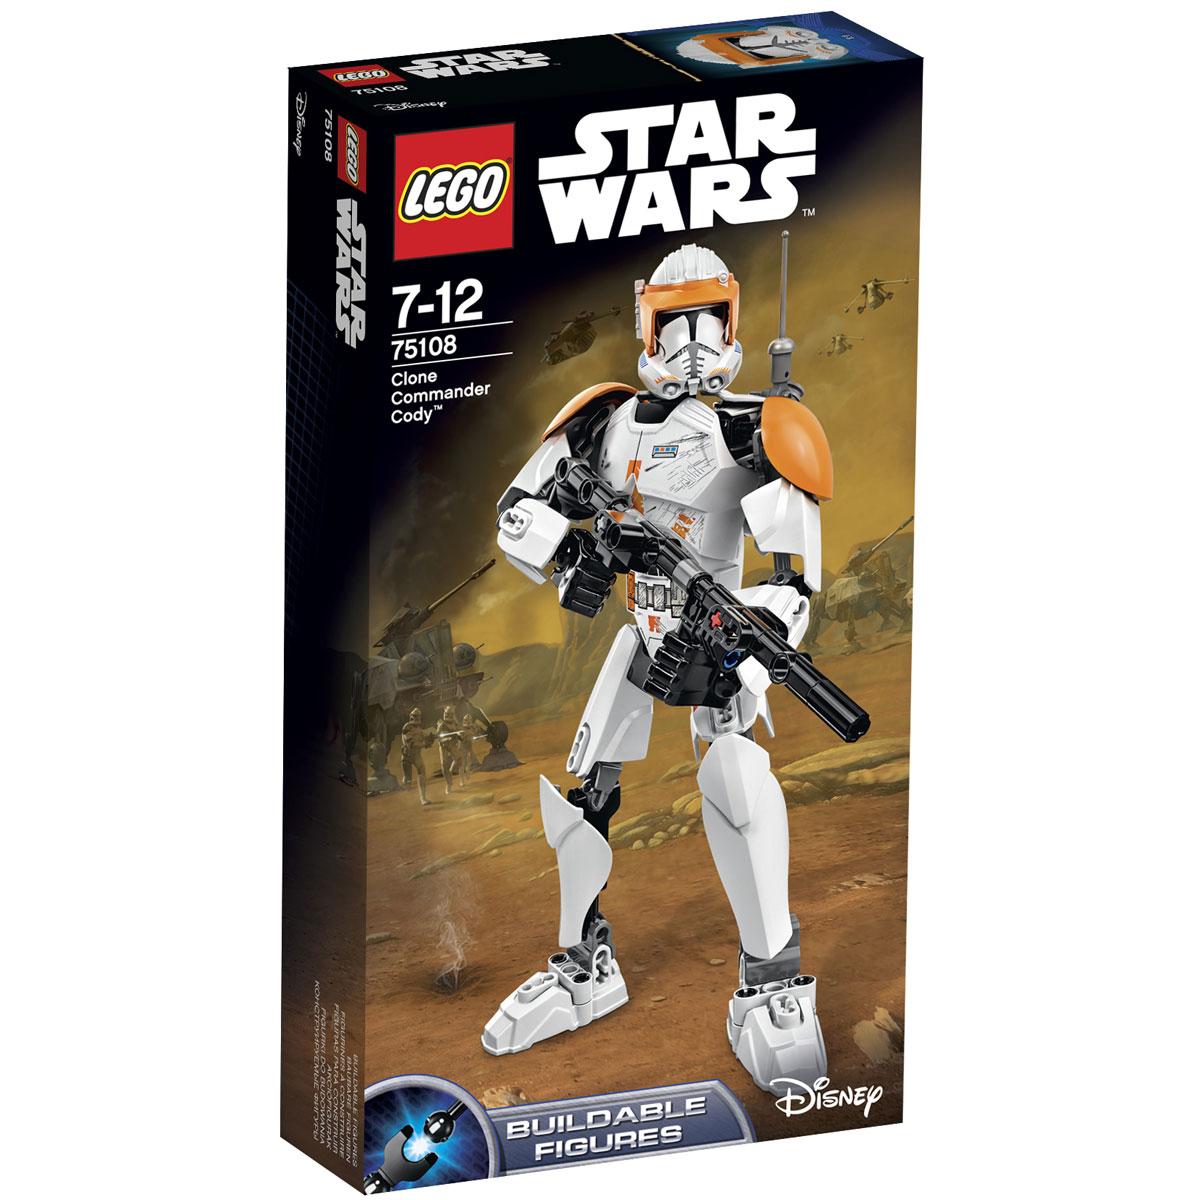 LEGO Star Wars Конструктор Клон коммандер Коди 7510875108Конструктор LEGO Клон-коммандер Коди станет отличным подарком фанатам Звездных войн! Коди, также известный как КК-2224, был одним из миллионов клонов, созданных для сражений на стороне Галактической Республики. В результате долгих тренировок и последующих боевых действий Коди стал проявлять отличные личностные качества. Он развил способность к независимому мышлению и начал самостоятельно анализировать всё, что его окружает. Это не осталось незамеченным, и вскоре рядовой клон получил повышение. Дослужившись до звания клона-коммандера, Коди обзавёлся не только дружественными связями со своими собратьями-клонами, но и заручился поддержкой и уважением многих джедаев. Боевая фигура Коди выполнена с использованием бронированного костюма фазы II, используемого во второй половине Войн клонов. На голове коммандера виден многофункциональный шлем с солнцезащитным оранжевым козырьком. На левом наплечнике установлена обновлённая антенна, а на спине закреплён реактивный ранец....